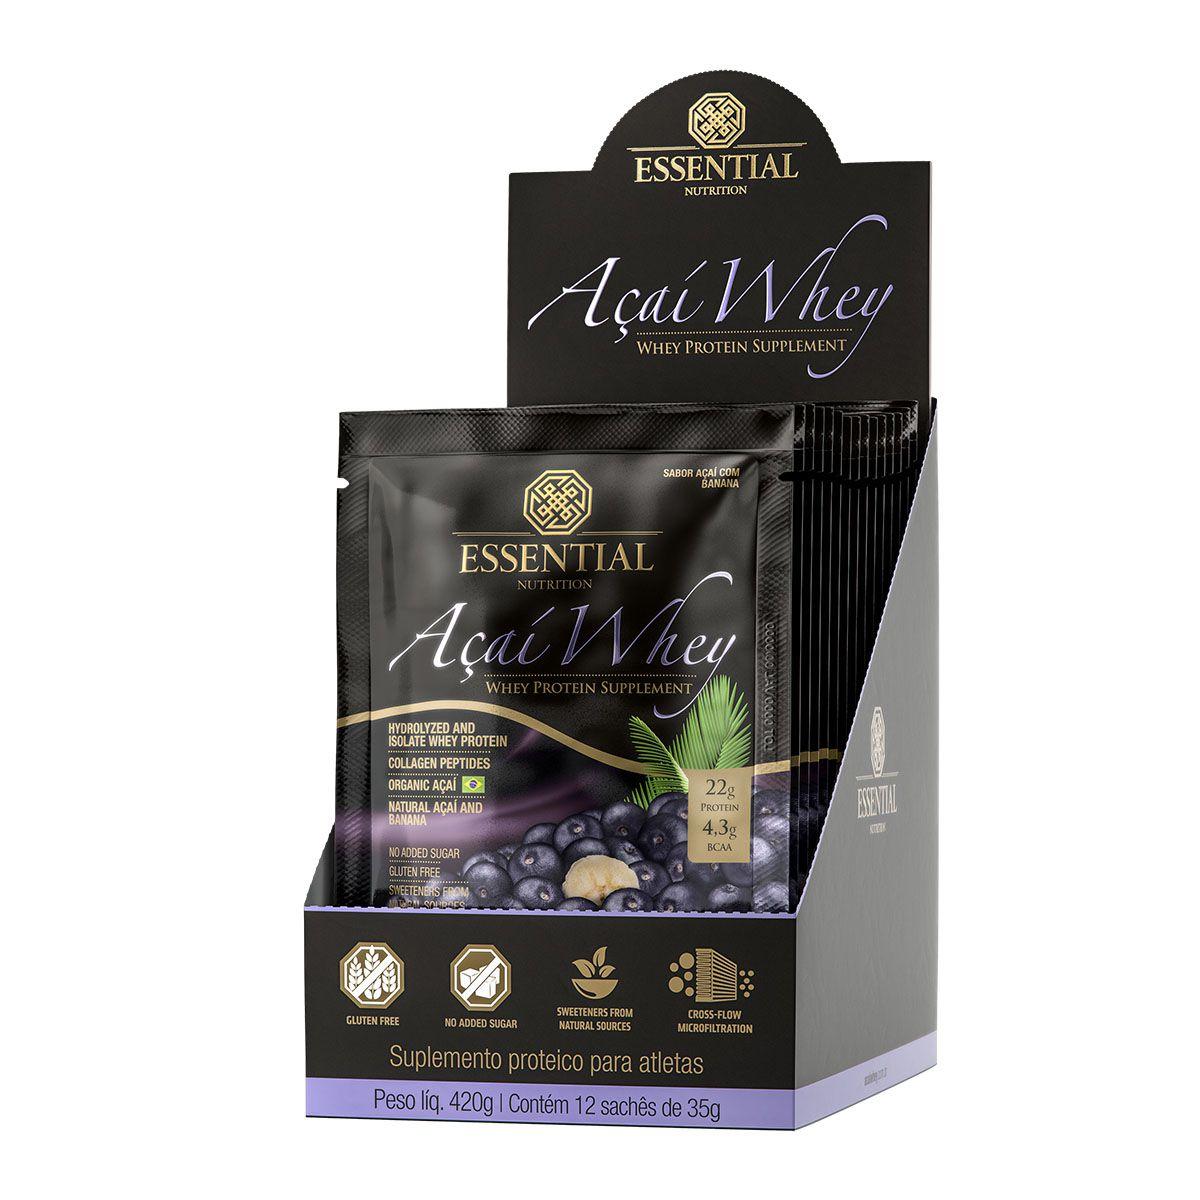 Açaí Whey 12 saches/35g - Essential Nutrition